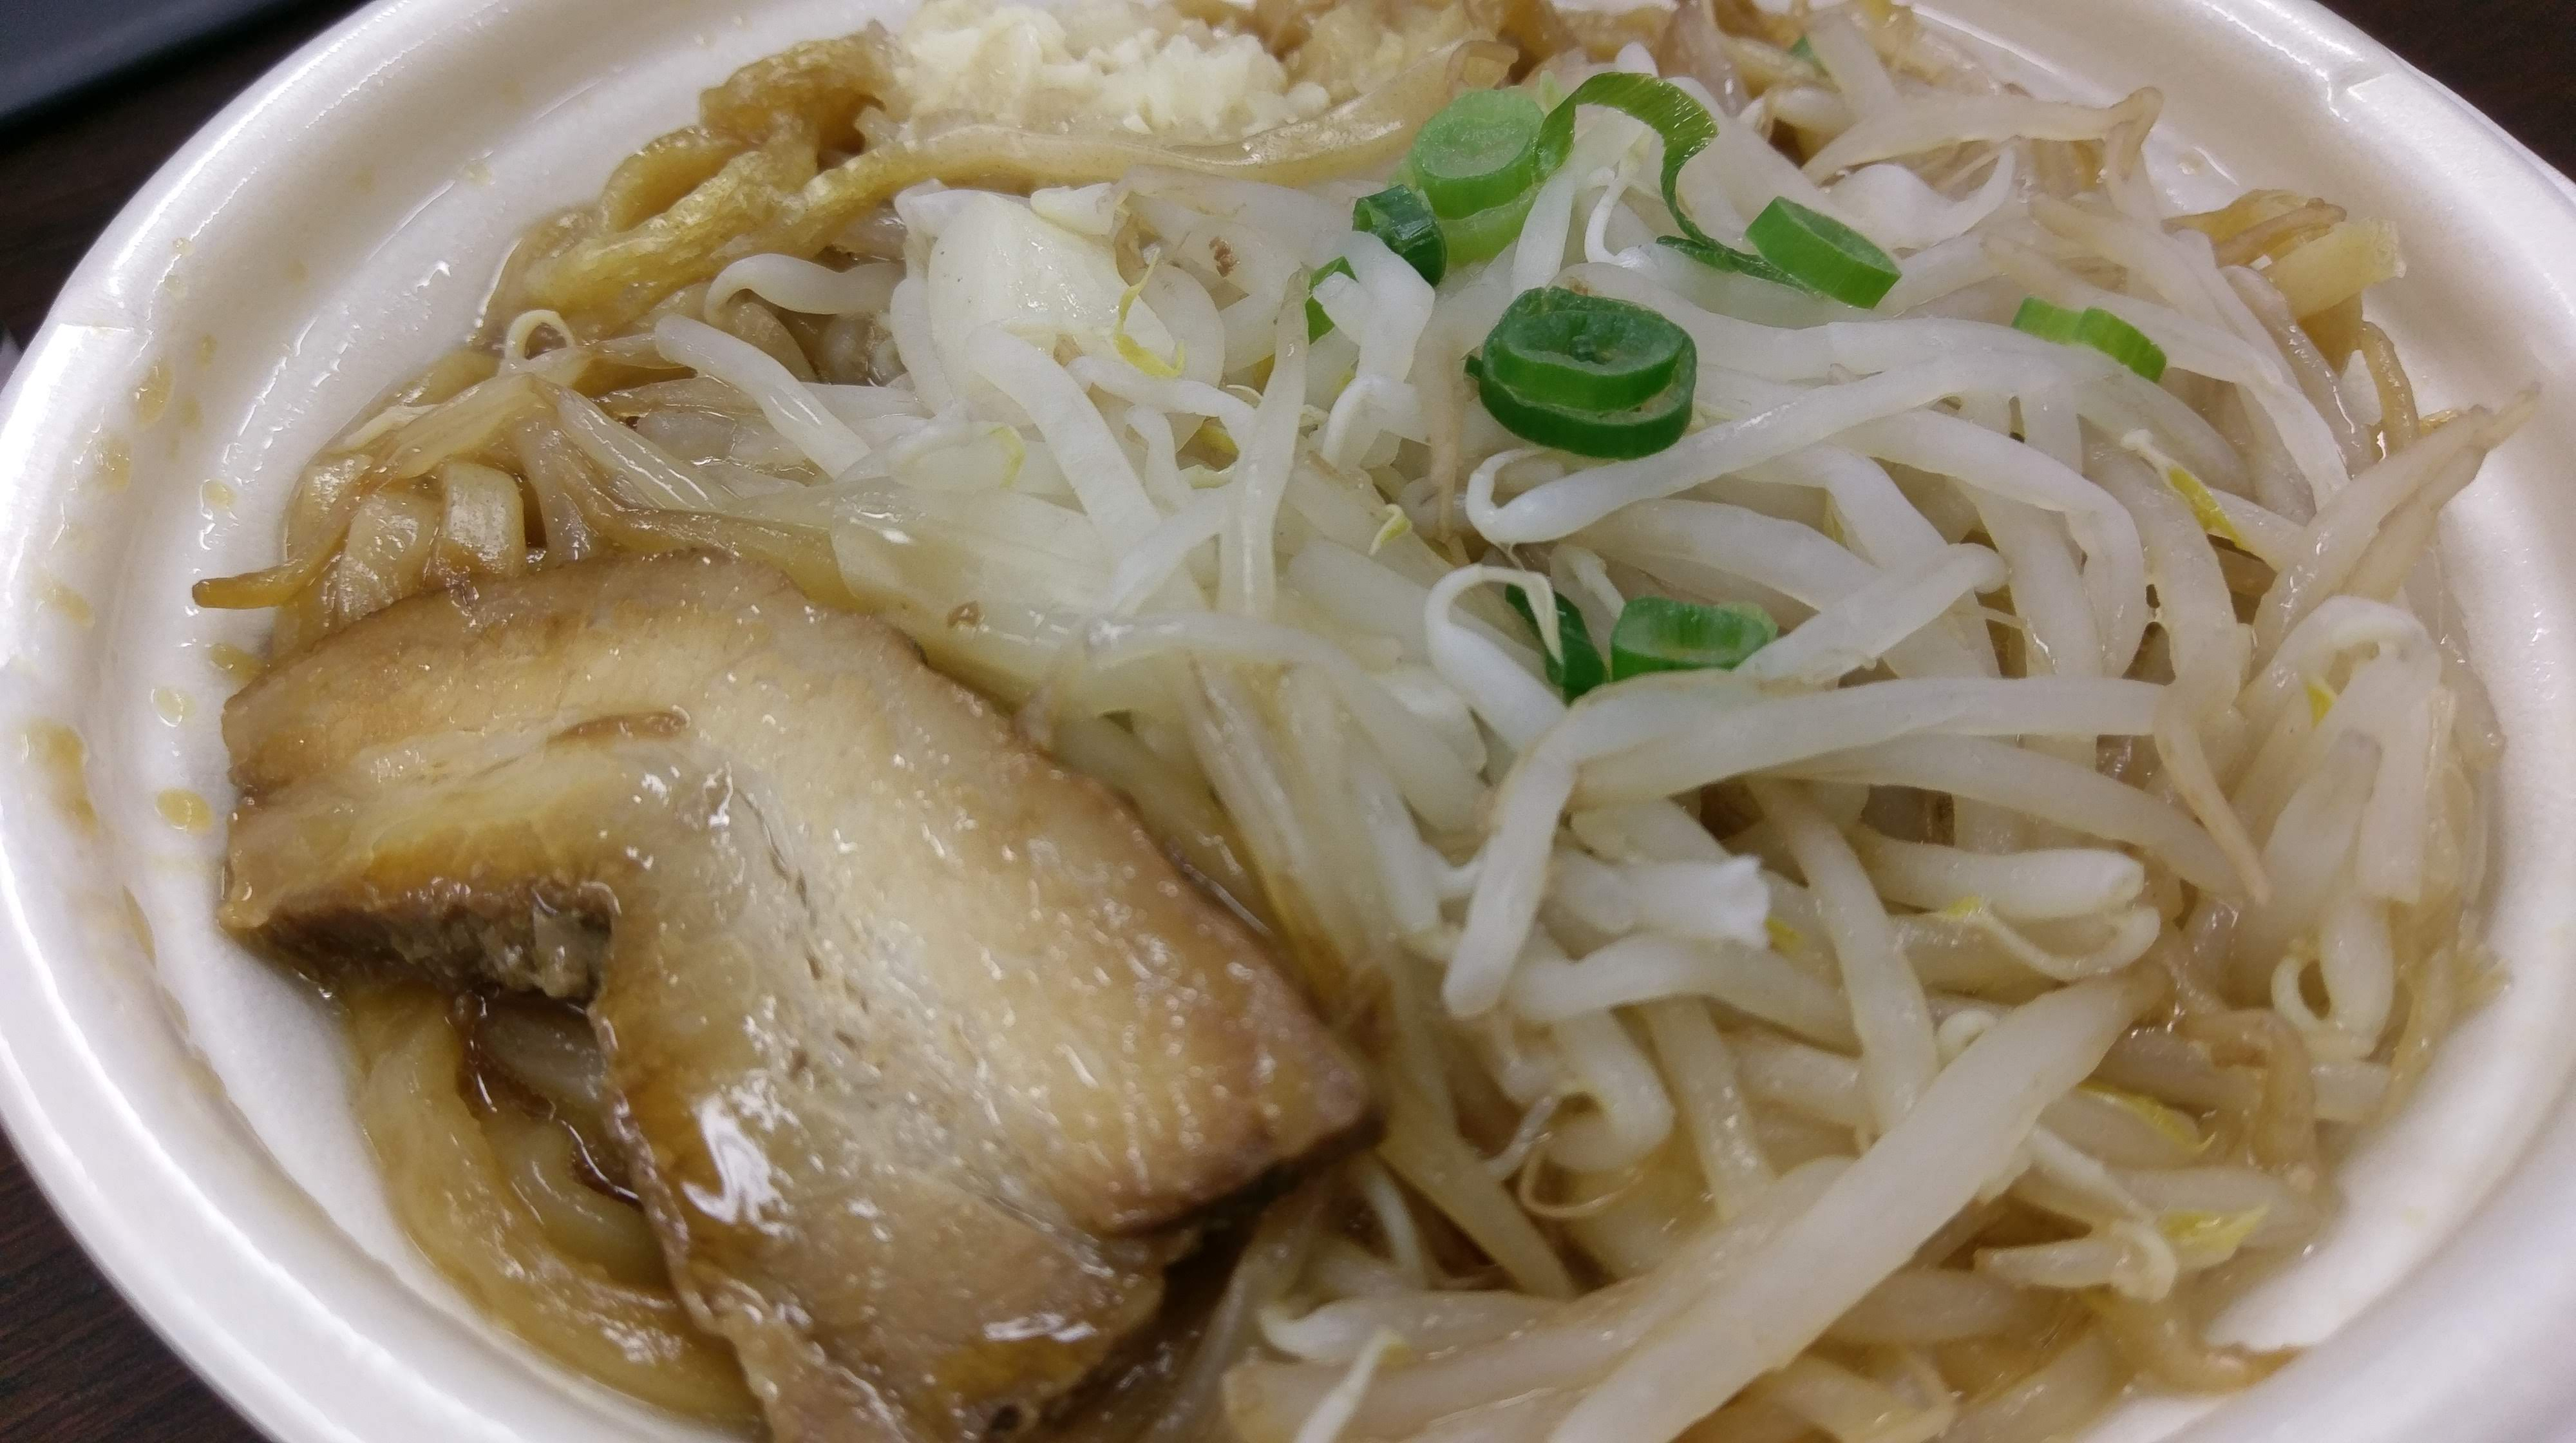 IMAG1352 セブンイレブンのラーメン二郎みたいなラーメンを食べてみた!